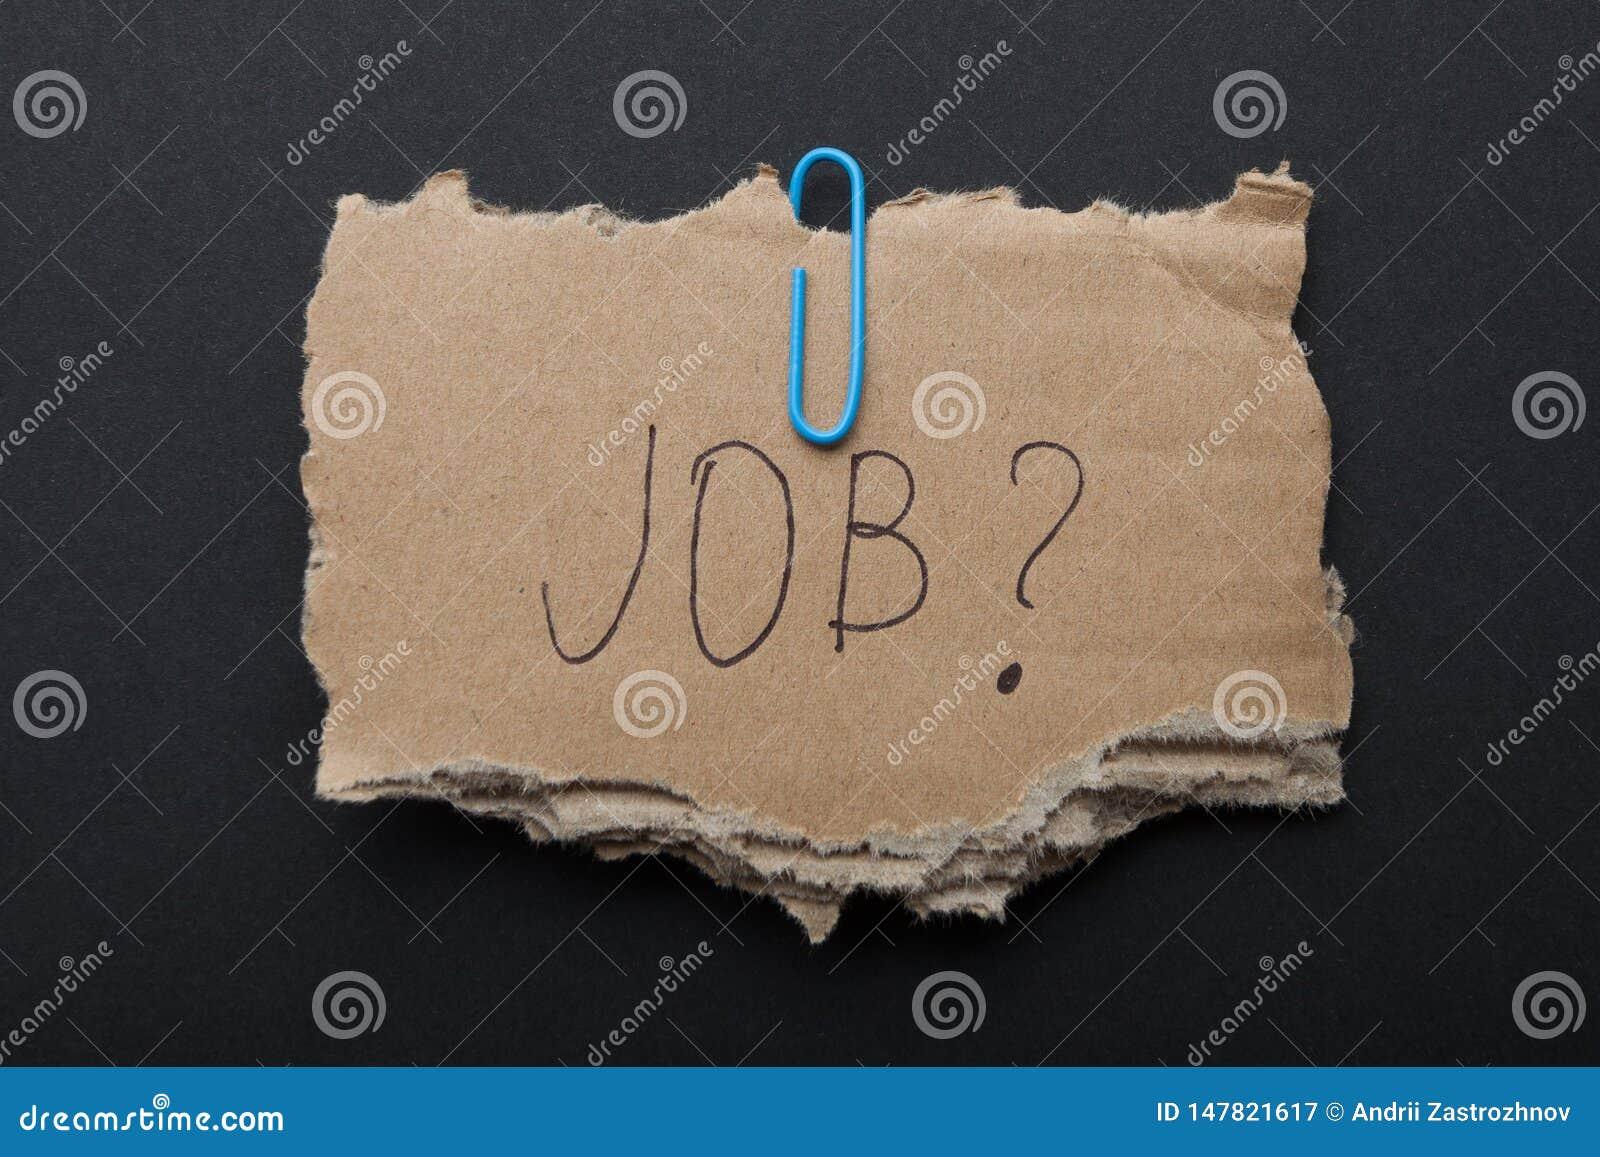 Jobb för ordet '? 'på ett stycke av kartongen på en svart bakgrund